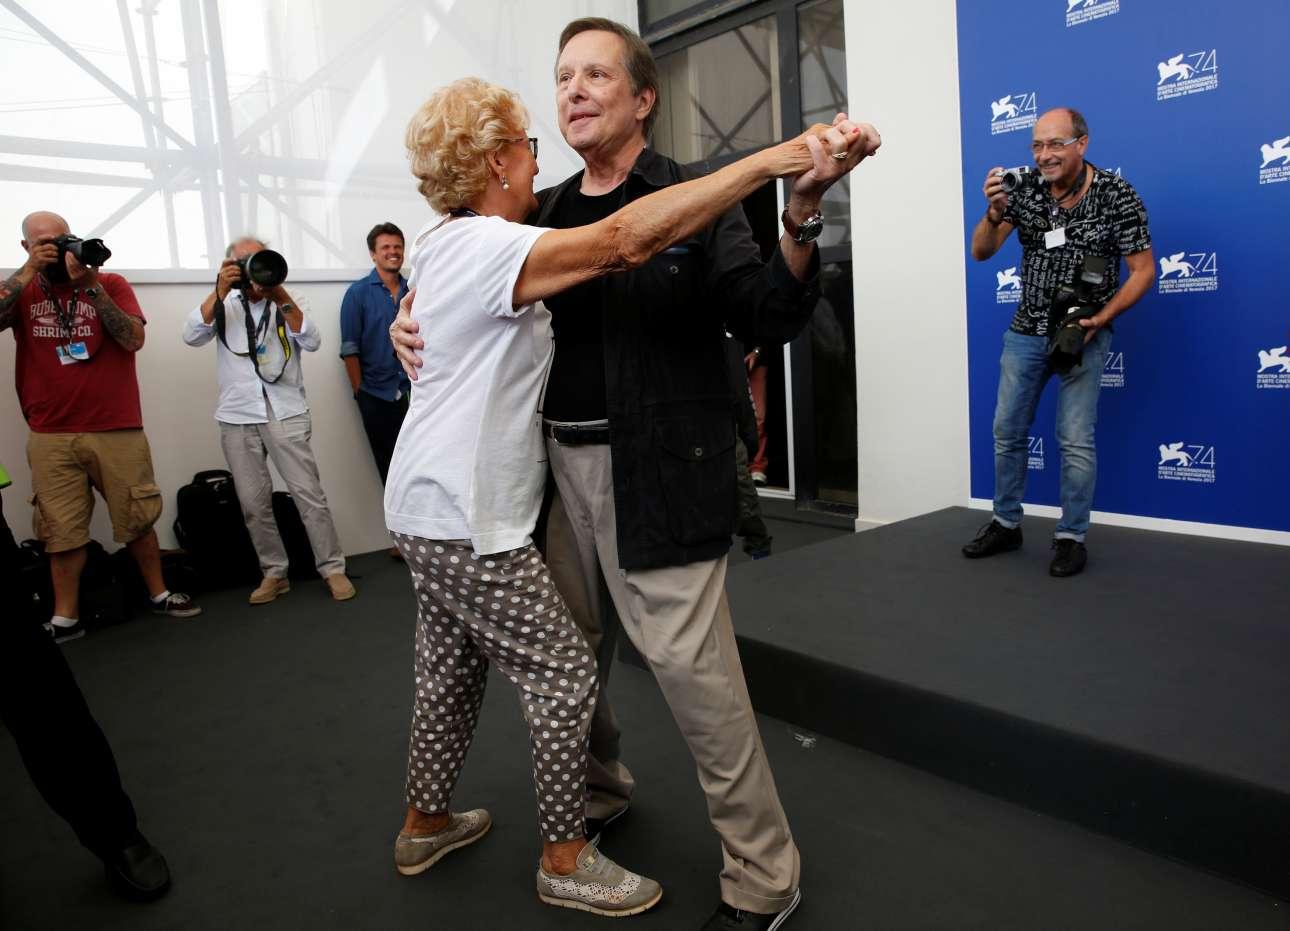 Ο σκηνοθέτης Γουίλιαμ Φρίντκιν χορεύει με μία φωτογράφο. Μετά τον θρυλικό «Εξορκιστή», ο Φρίντκιν επιστρέφει με μία νέα ταινία, το «The Devil and Father Amorth», για έναν αληθινό εξορκιστή του Βατικανού